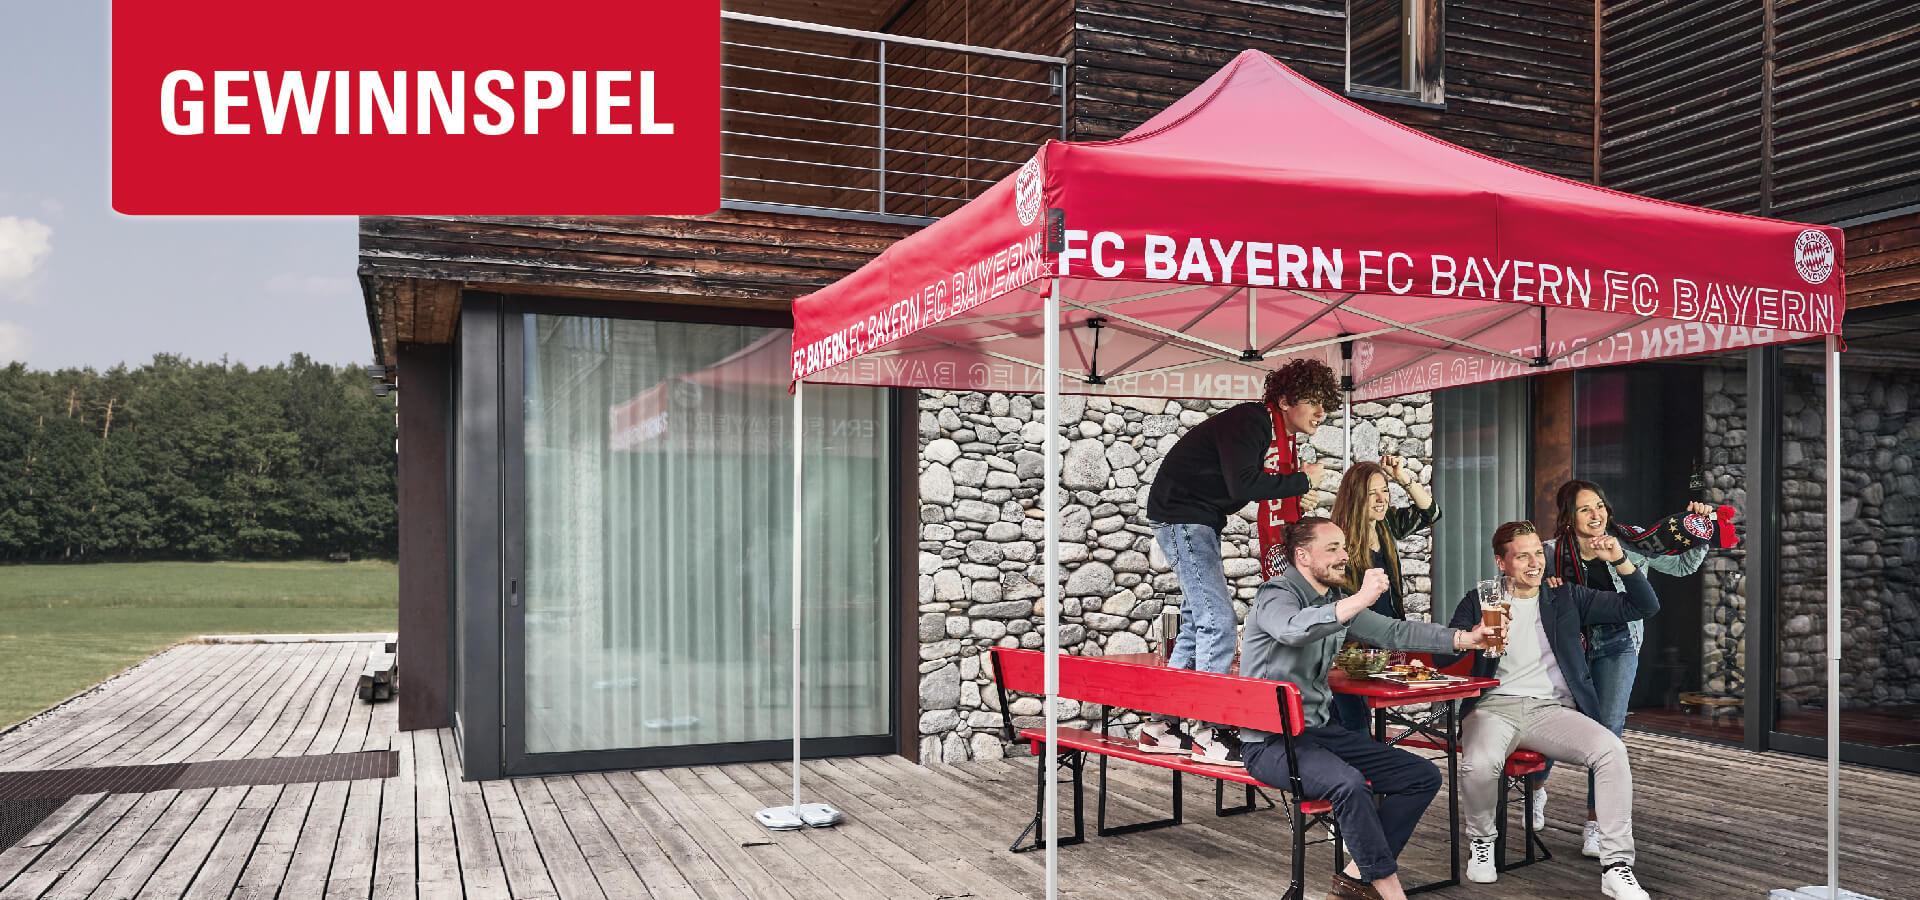 Fünf Personen feuern ihre Lieblings-Fußballmannschaft an - auf einer Bierzeltgarnitur und unter einem Faltpavillon im FC Bayern München Stil. Das Bild ist mit einem Gewinnspiel-Banner versehen.